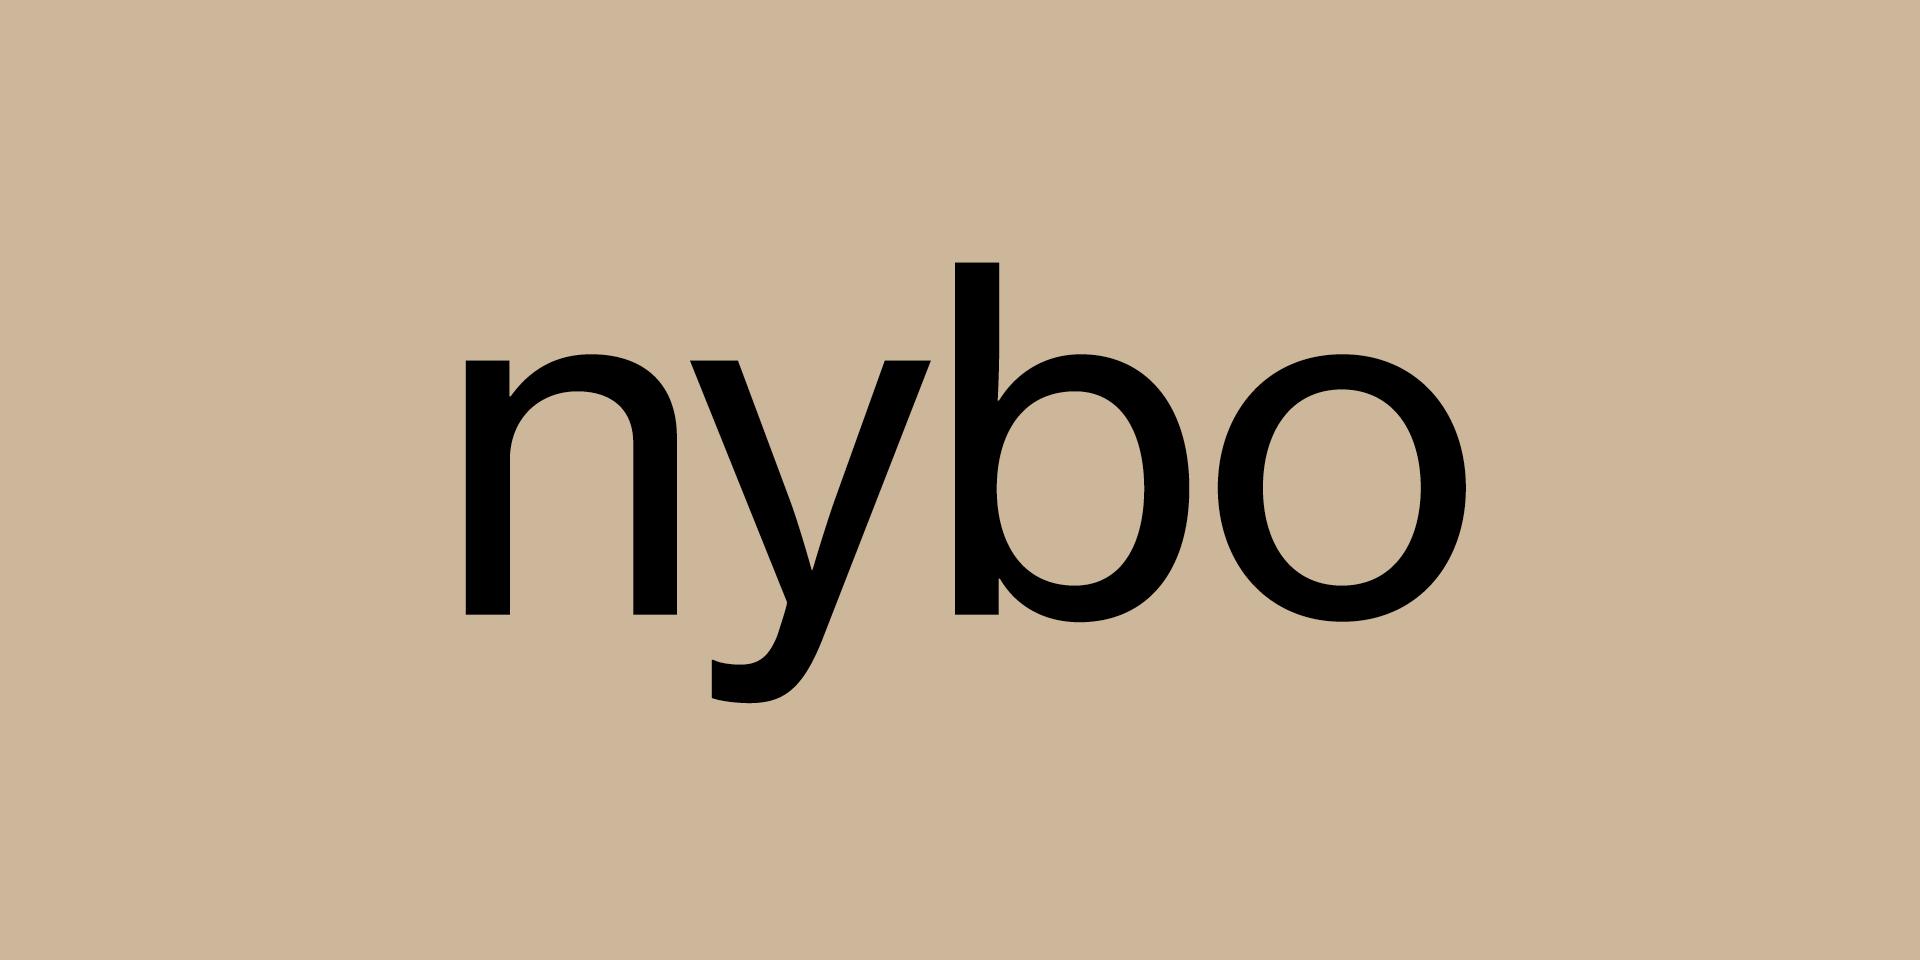 Das Wort nybo auf beigem Hintergrund